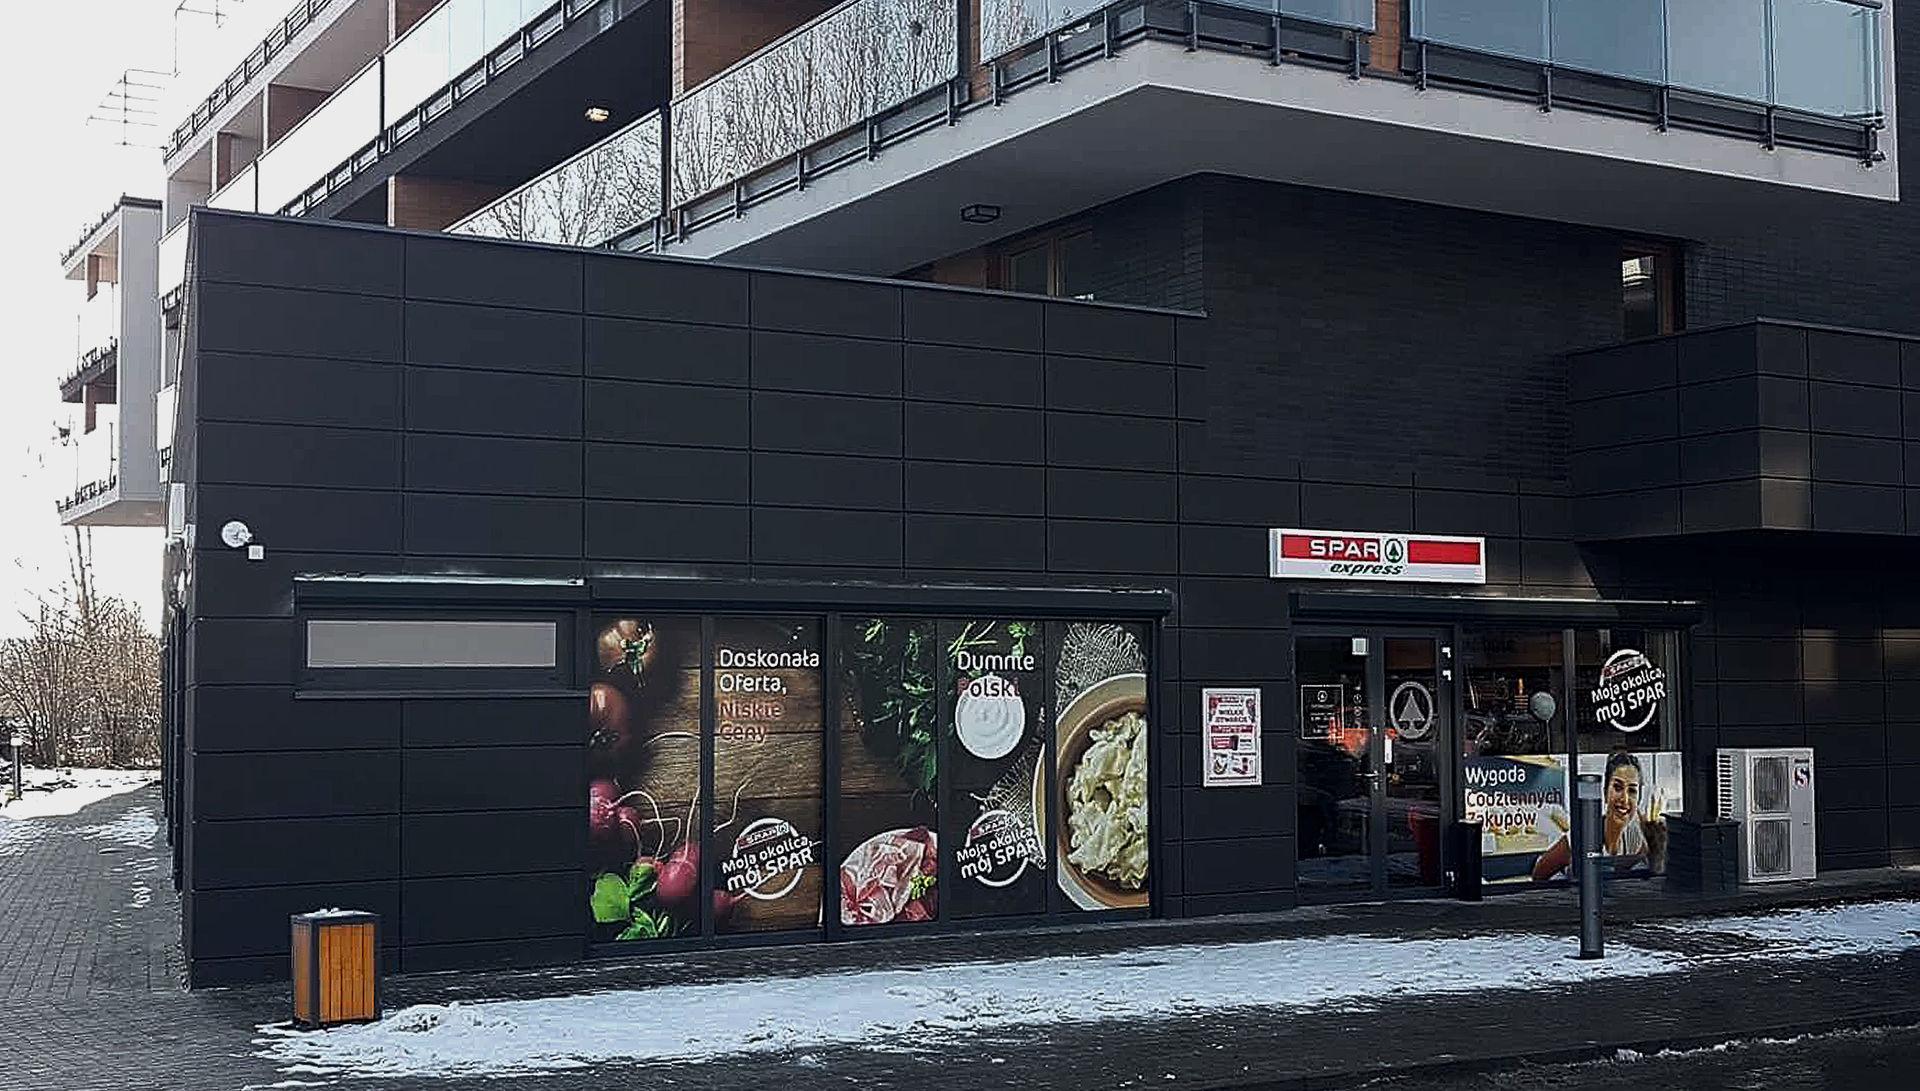 Kolejny SPAR Express otwarty w stolicy Małopolski